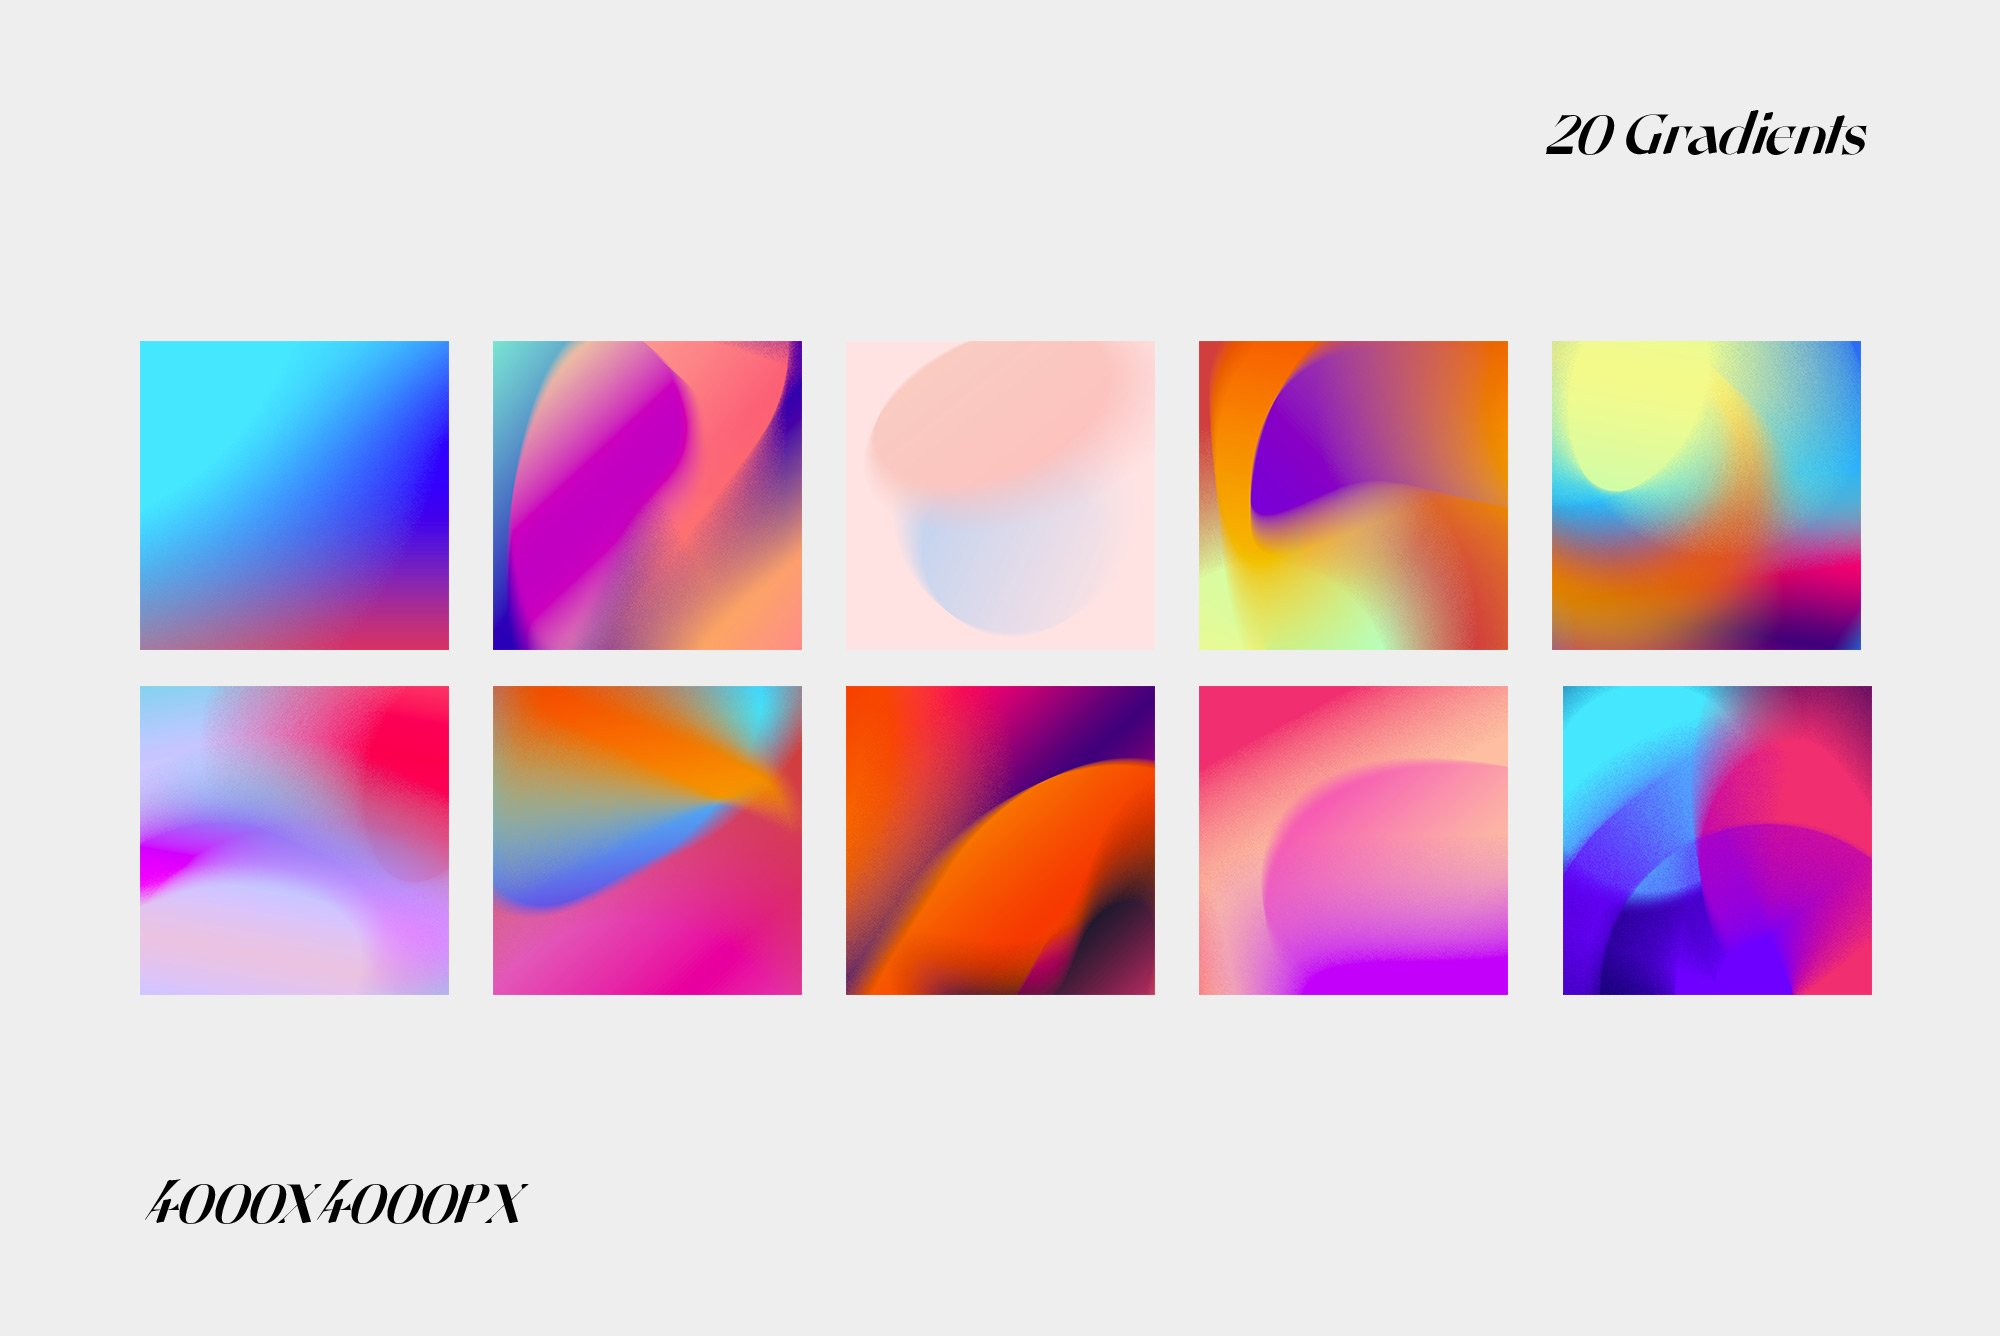 [单独购买] 潮流复古炫彩颗粒噪点模糊渐变背景纹理图形设计素材 Gradient Color Grainy Textures插图8